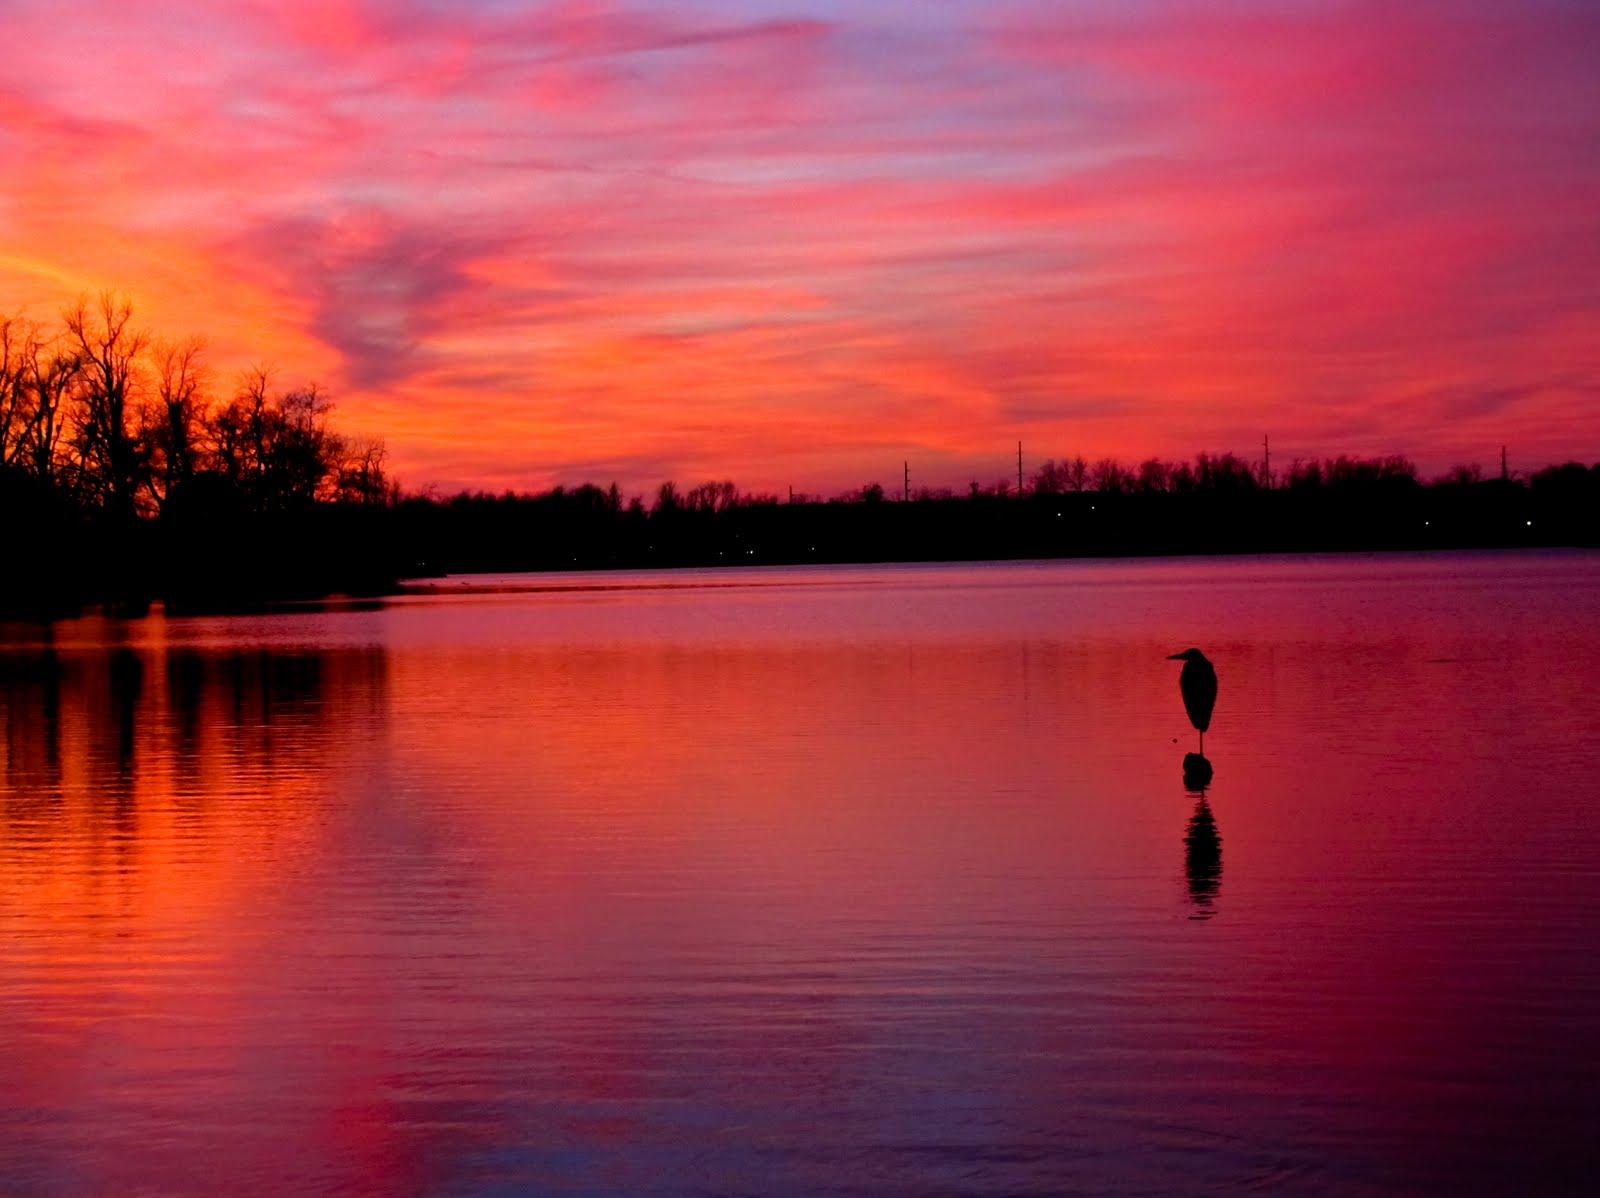 Pink Sunset wallpaper   ForWallpapercom 1600x1198